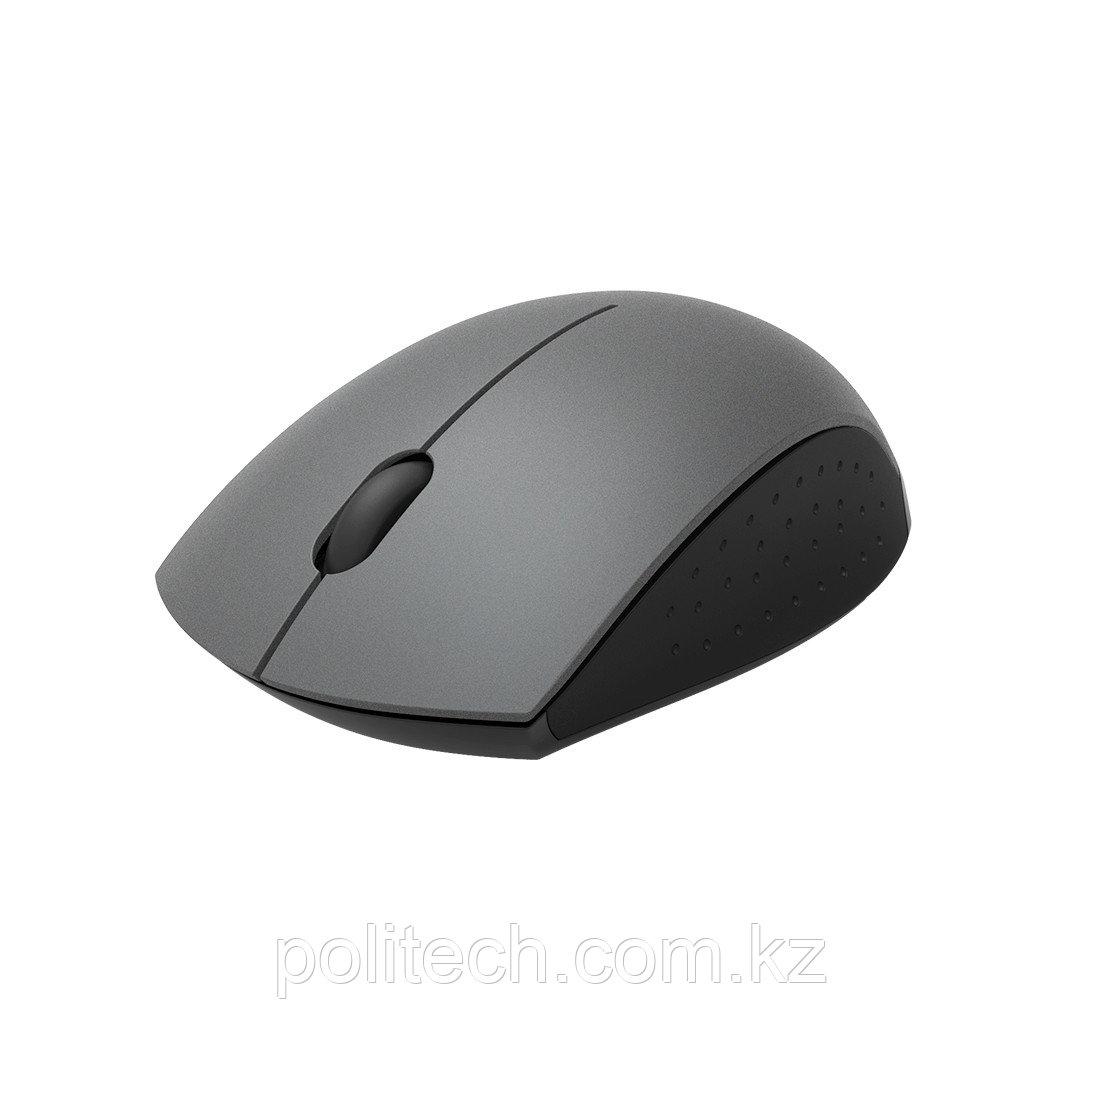 Компьютерная мышь Rapoo 3360 Серый